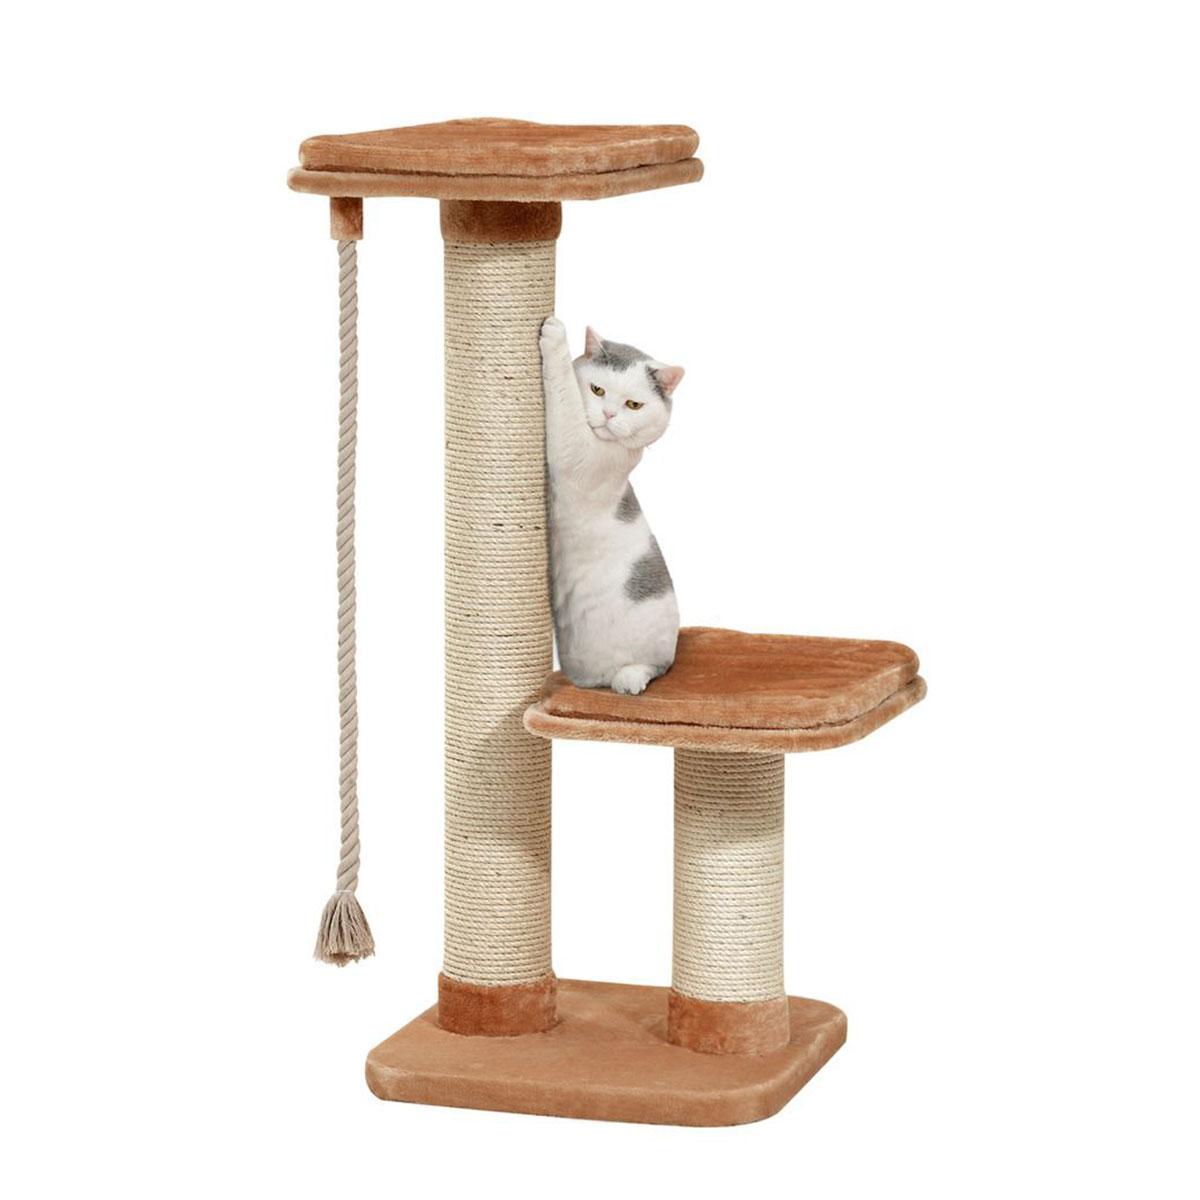 karlie kratzbaum big cat beige g nstig kaufen bei zooroyal. Black Bedroom Furniture Sets. Home Design Ideas